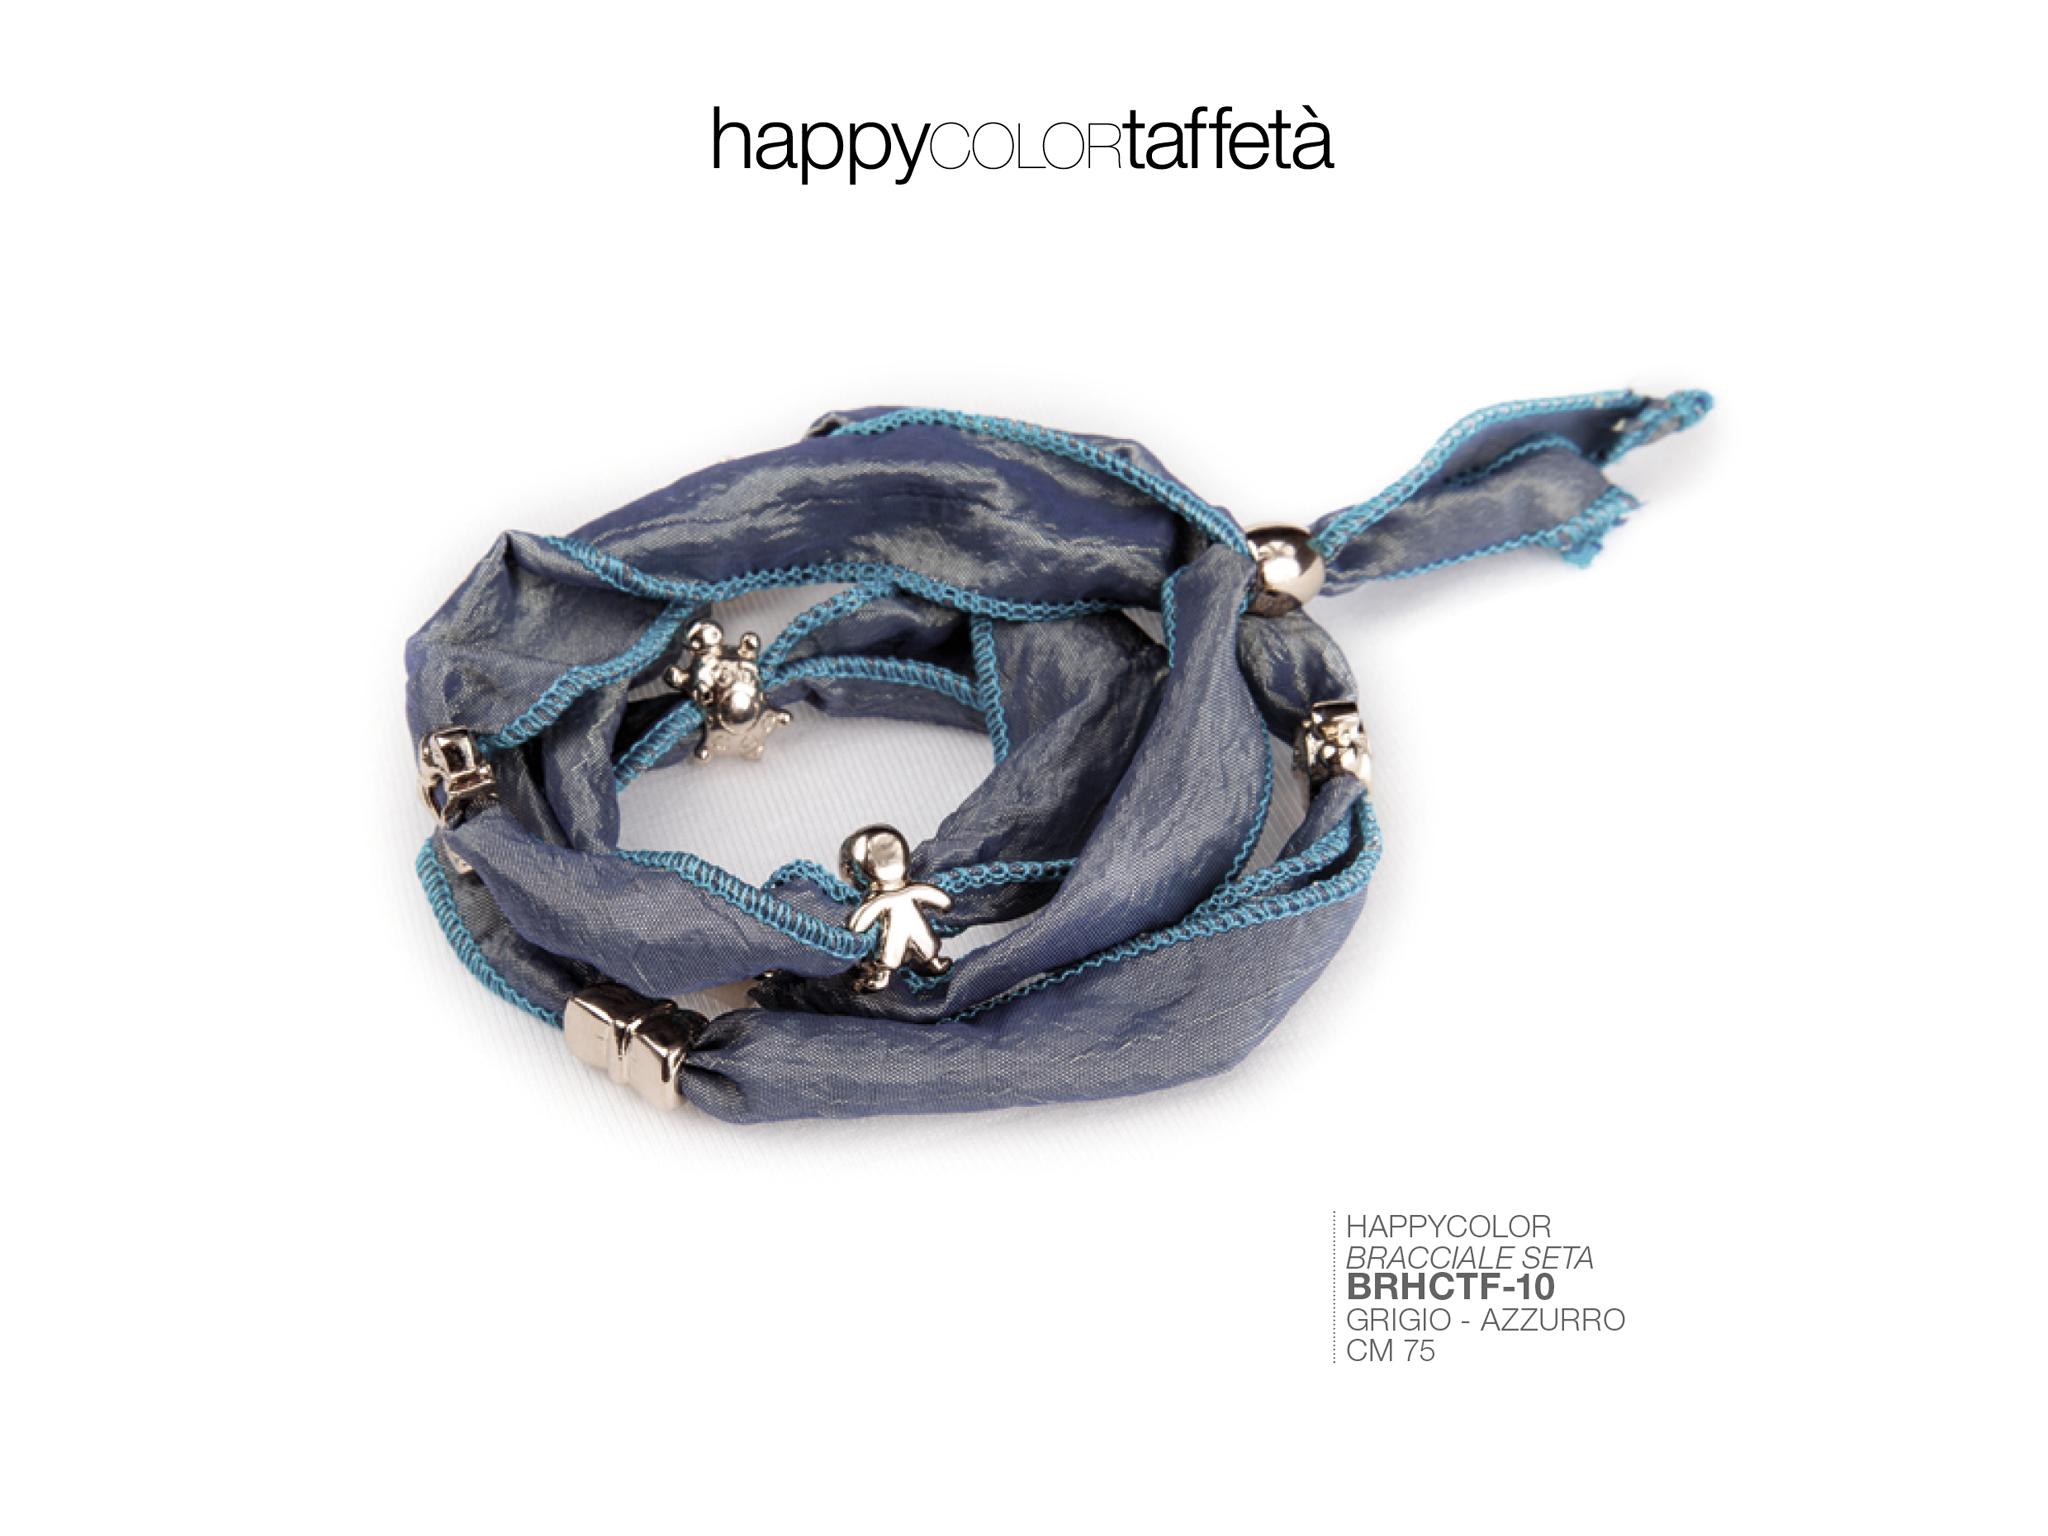 happycolor_taffeta_pagina_11_app